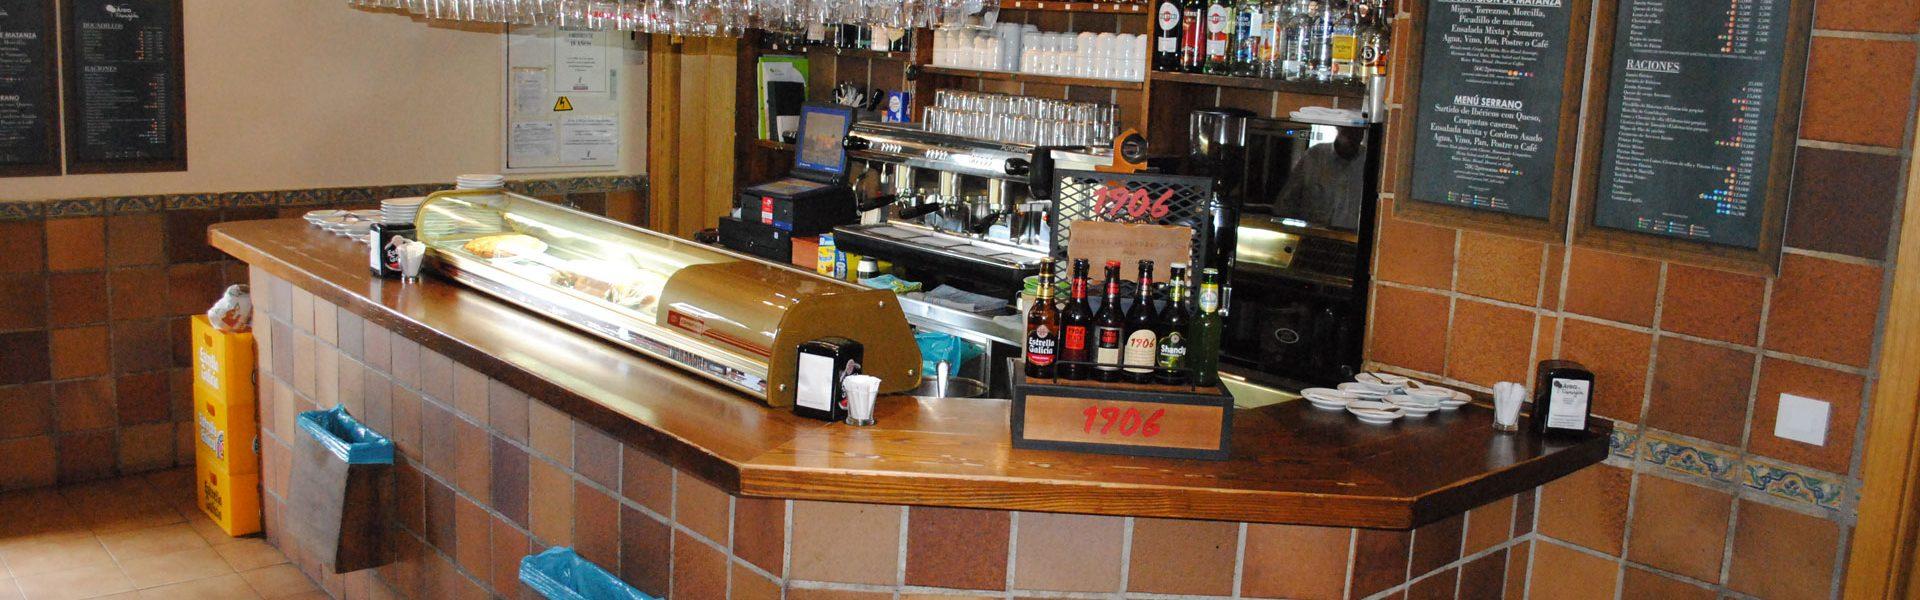 restaurante-bar-tienda-area-del-tamajon_11